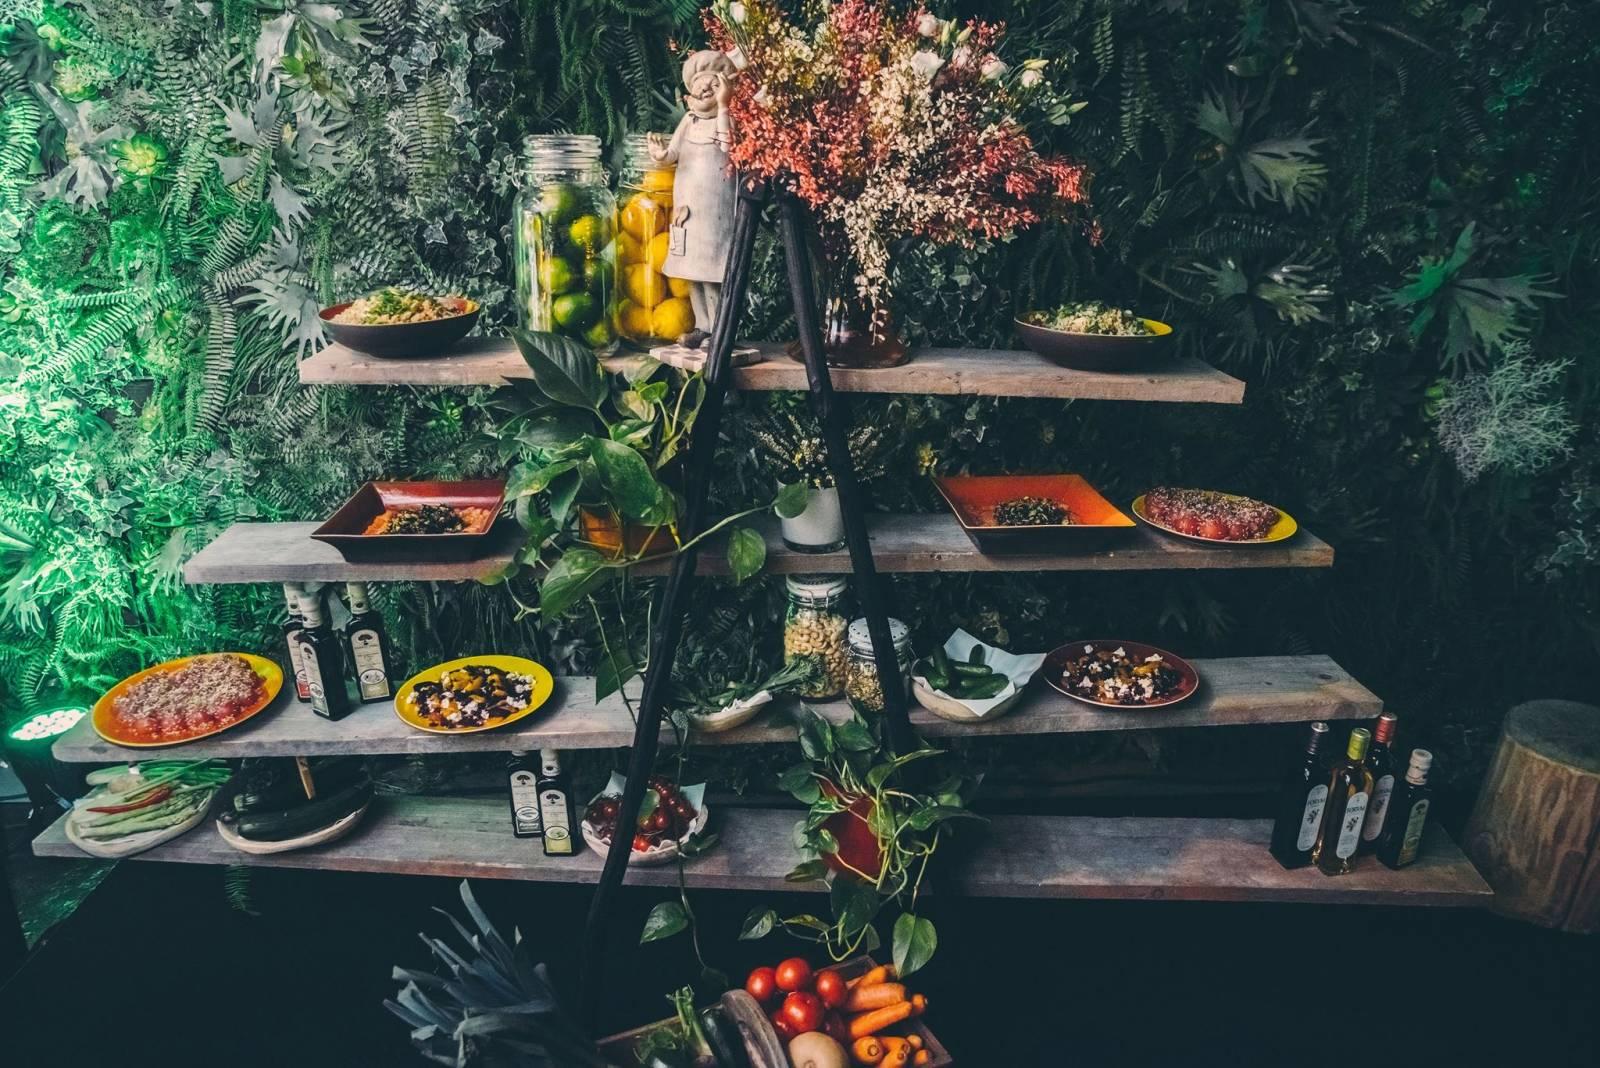 Dîner Privé - Catering Huwelijk Trouw Bruiloft - Cateraar - Traiteur - House of Events - 5